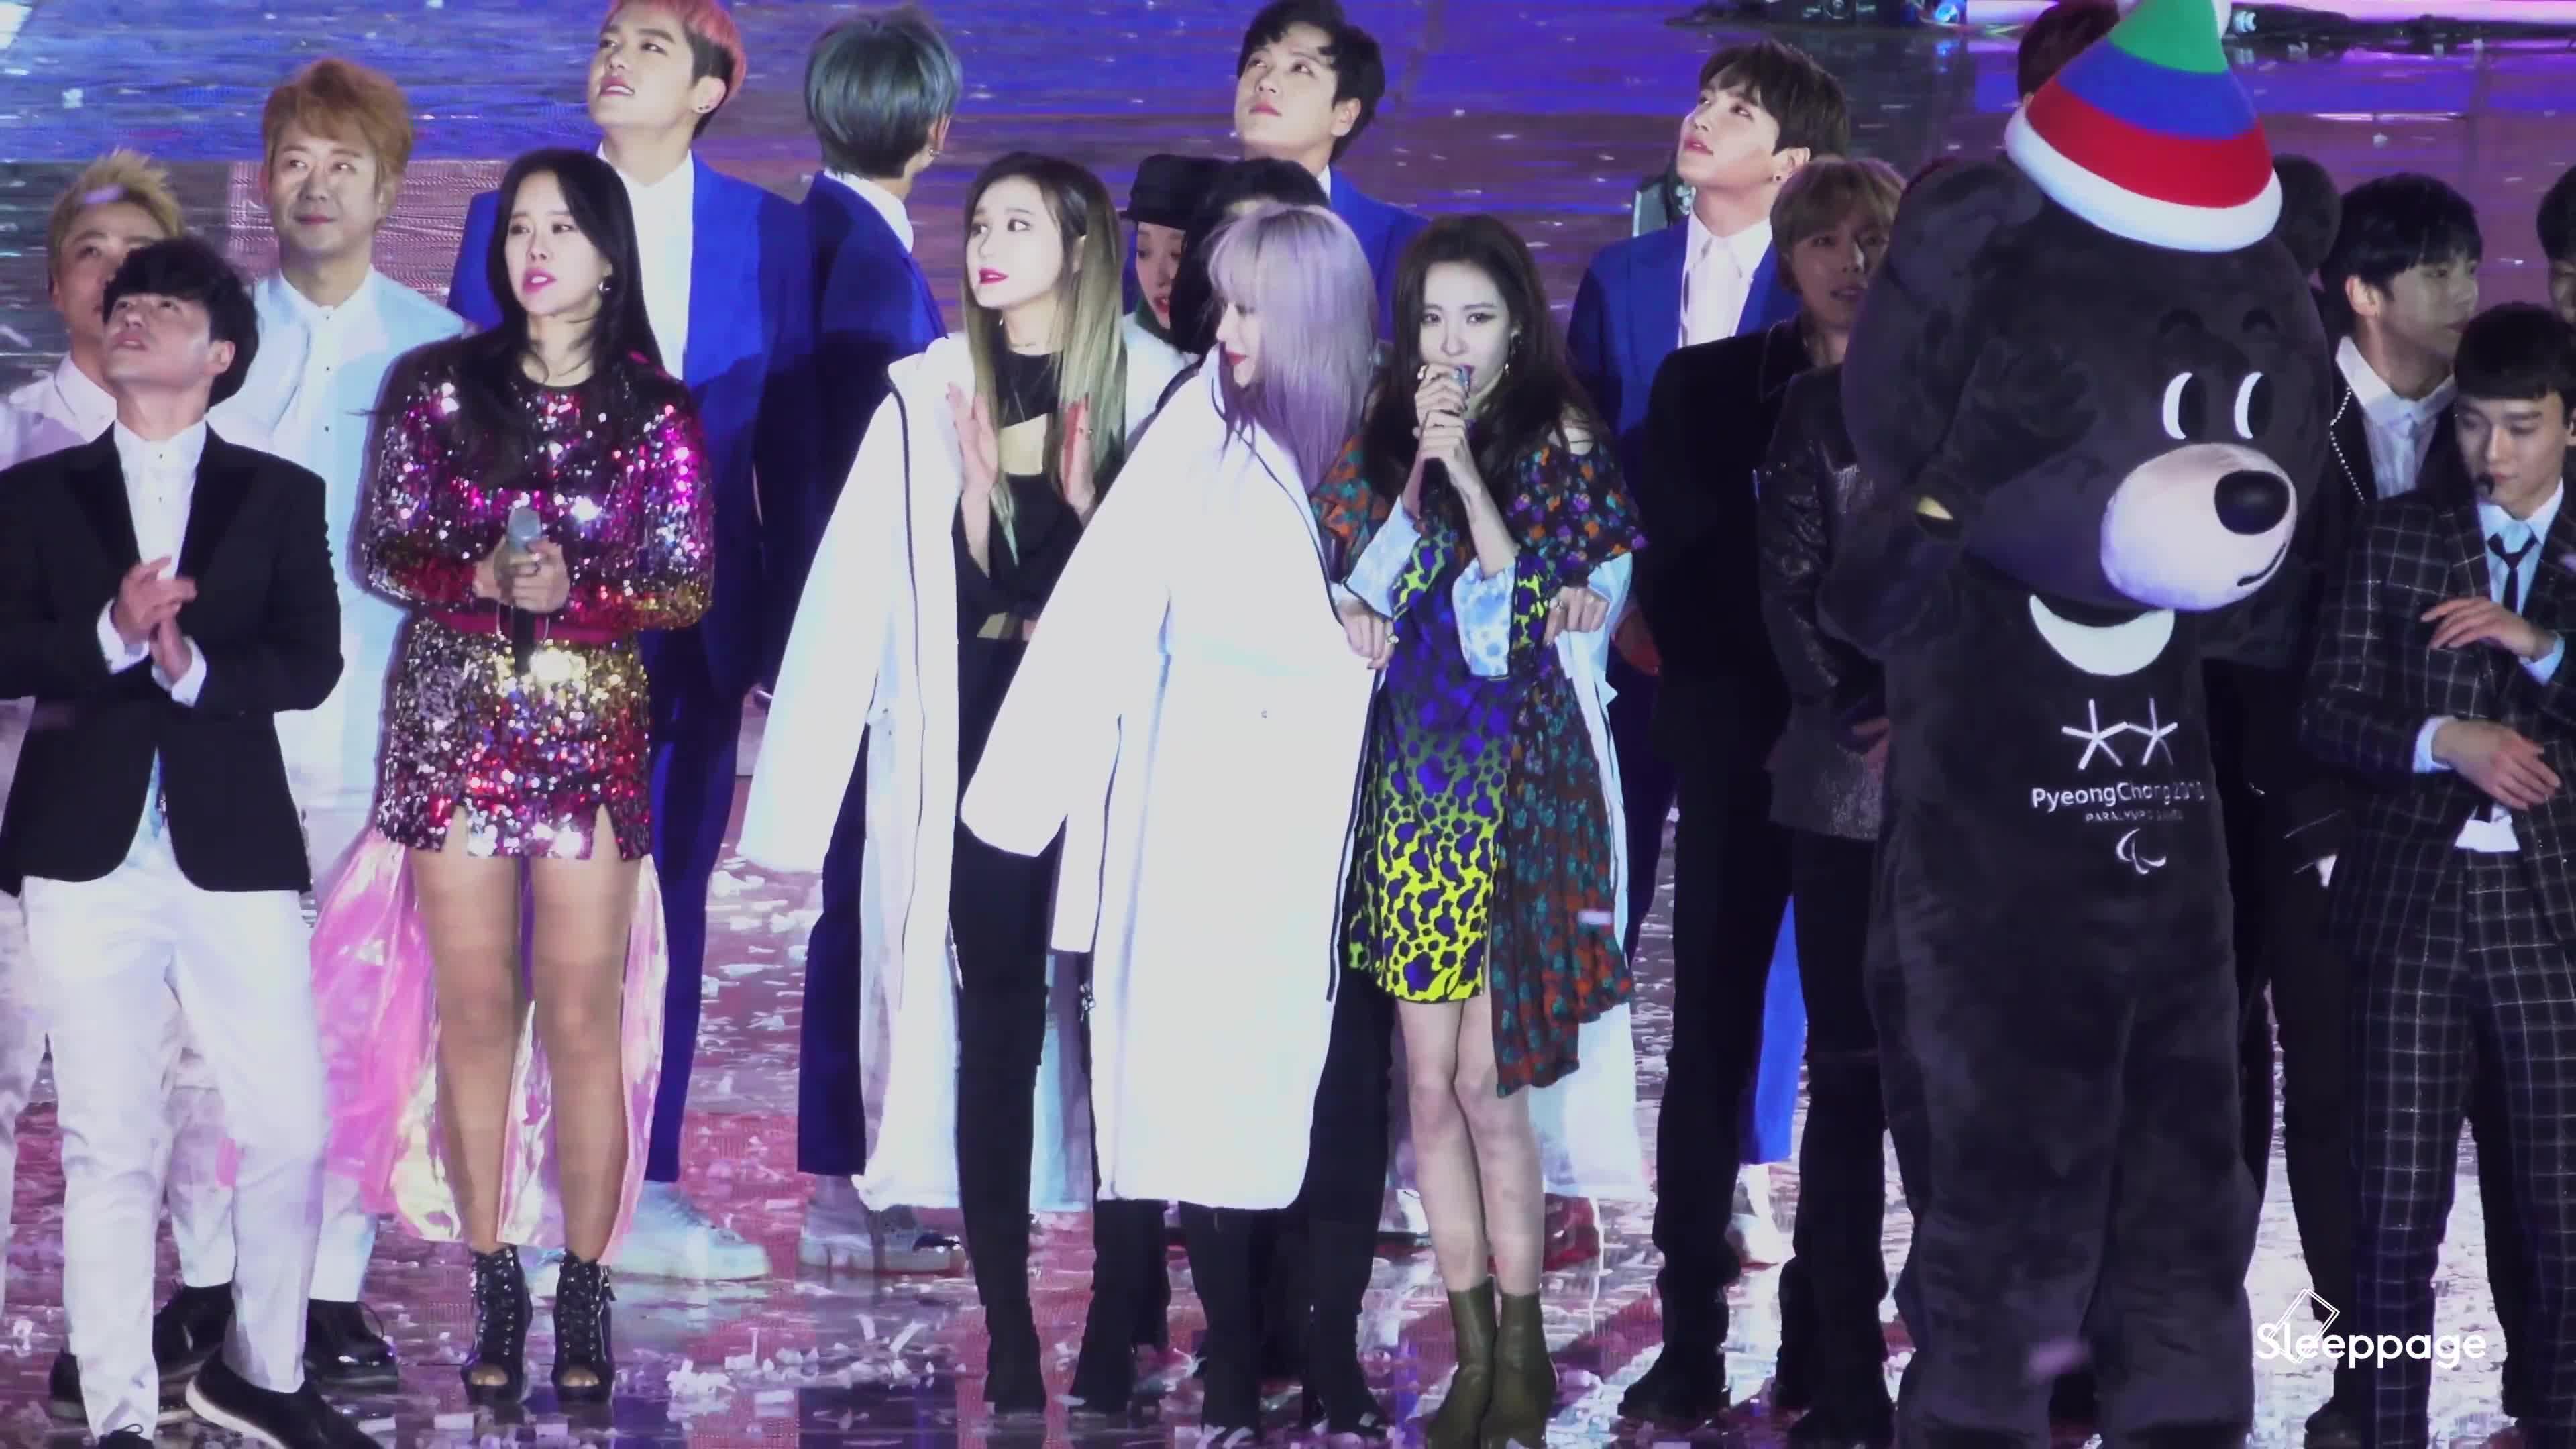 Fan tan chảy trước khoảnh khắc áo khoác chia đôi của 2 nữ thần Hani (EXID) và Sunmi ảnh 3